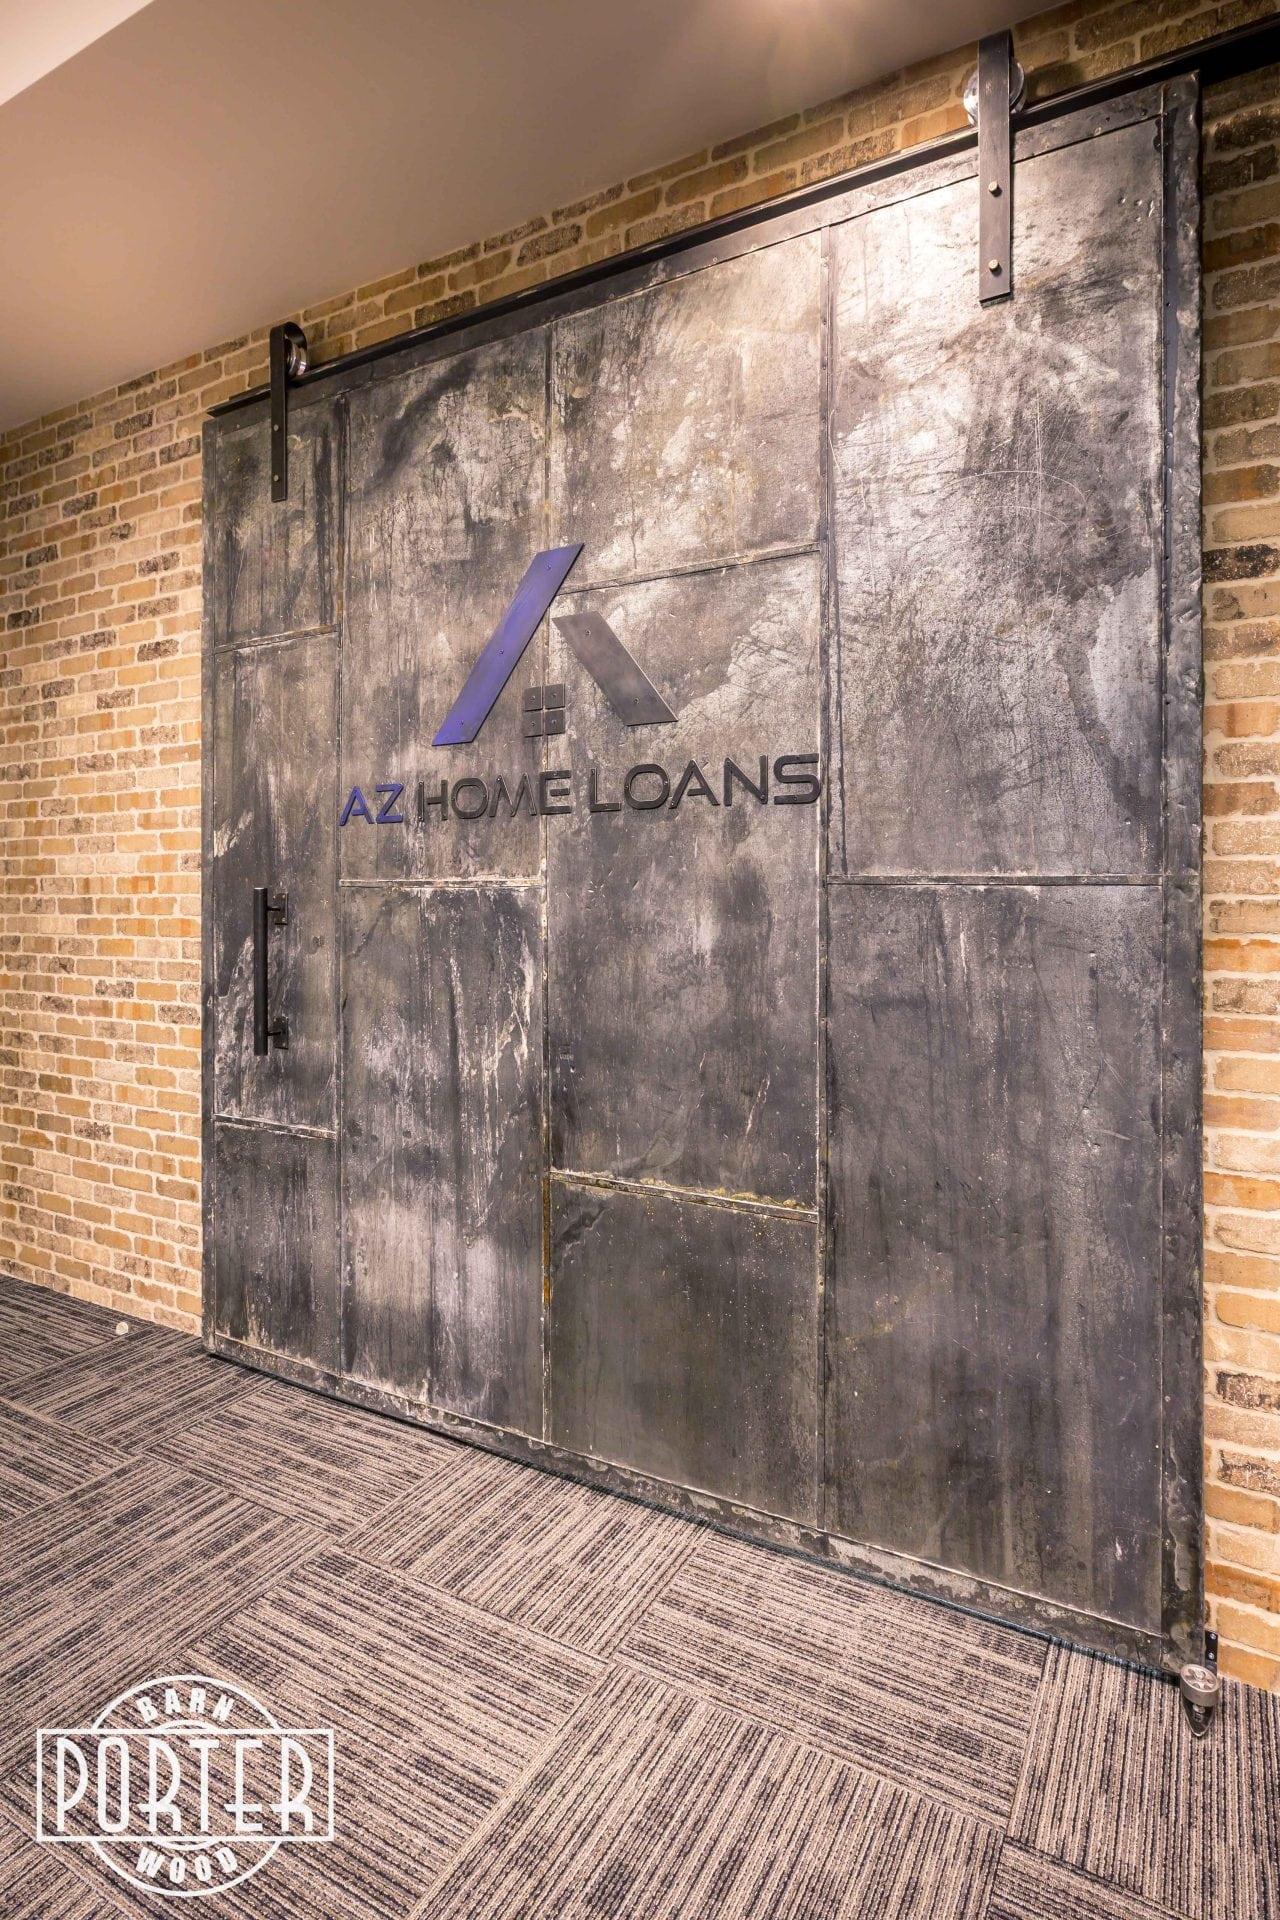 Az Home Loans Fire Door Porter Barn Wood